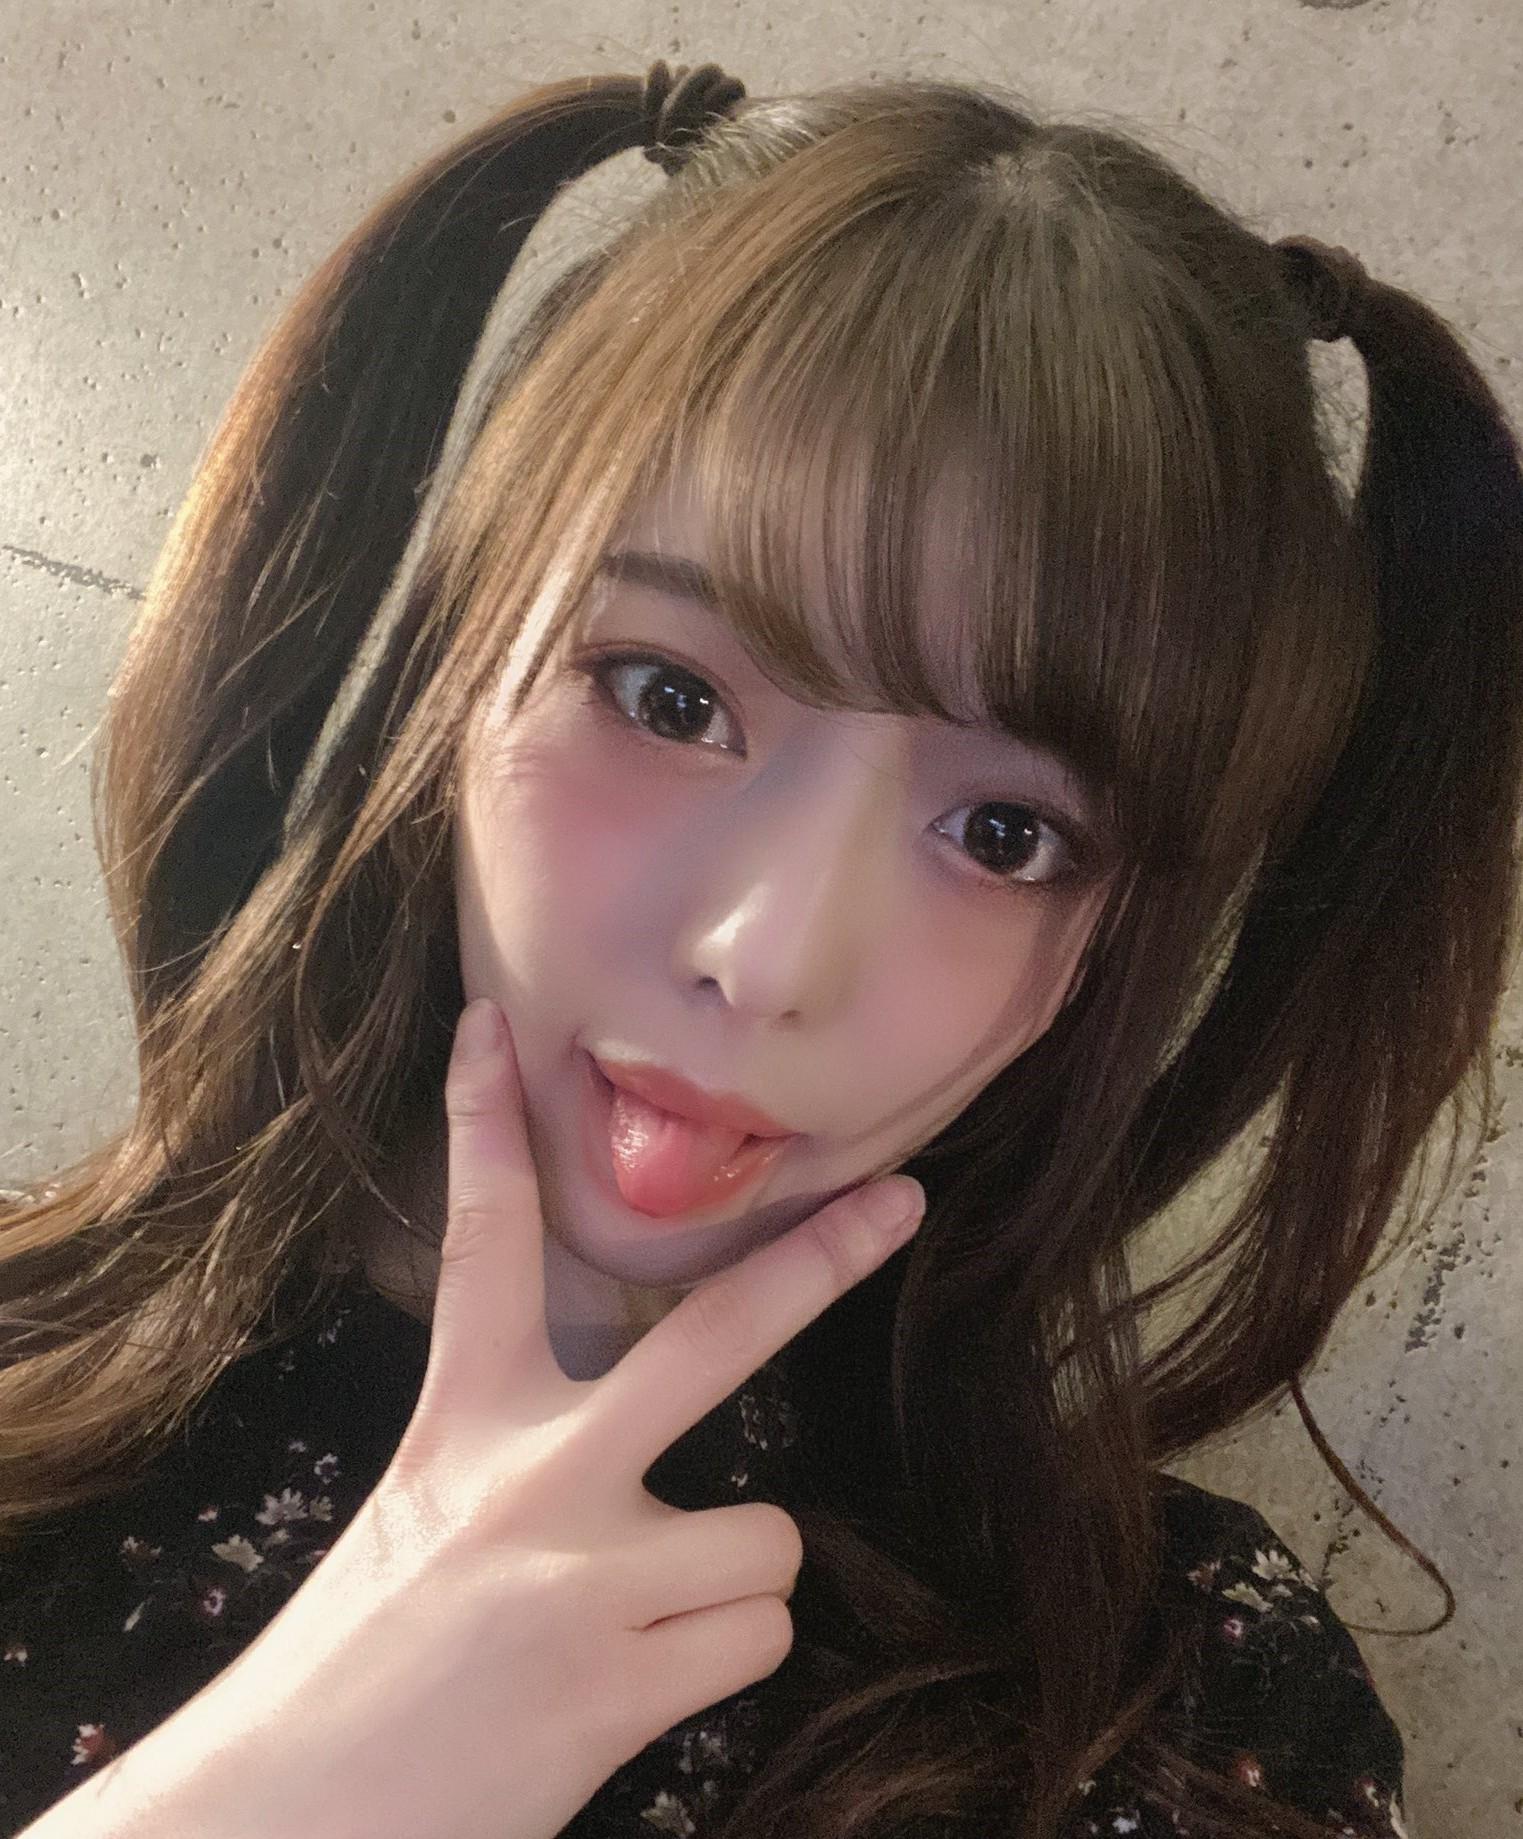 七瀬いおりのぽってり舌 (3)